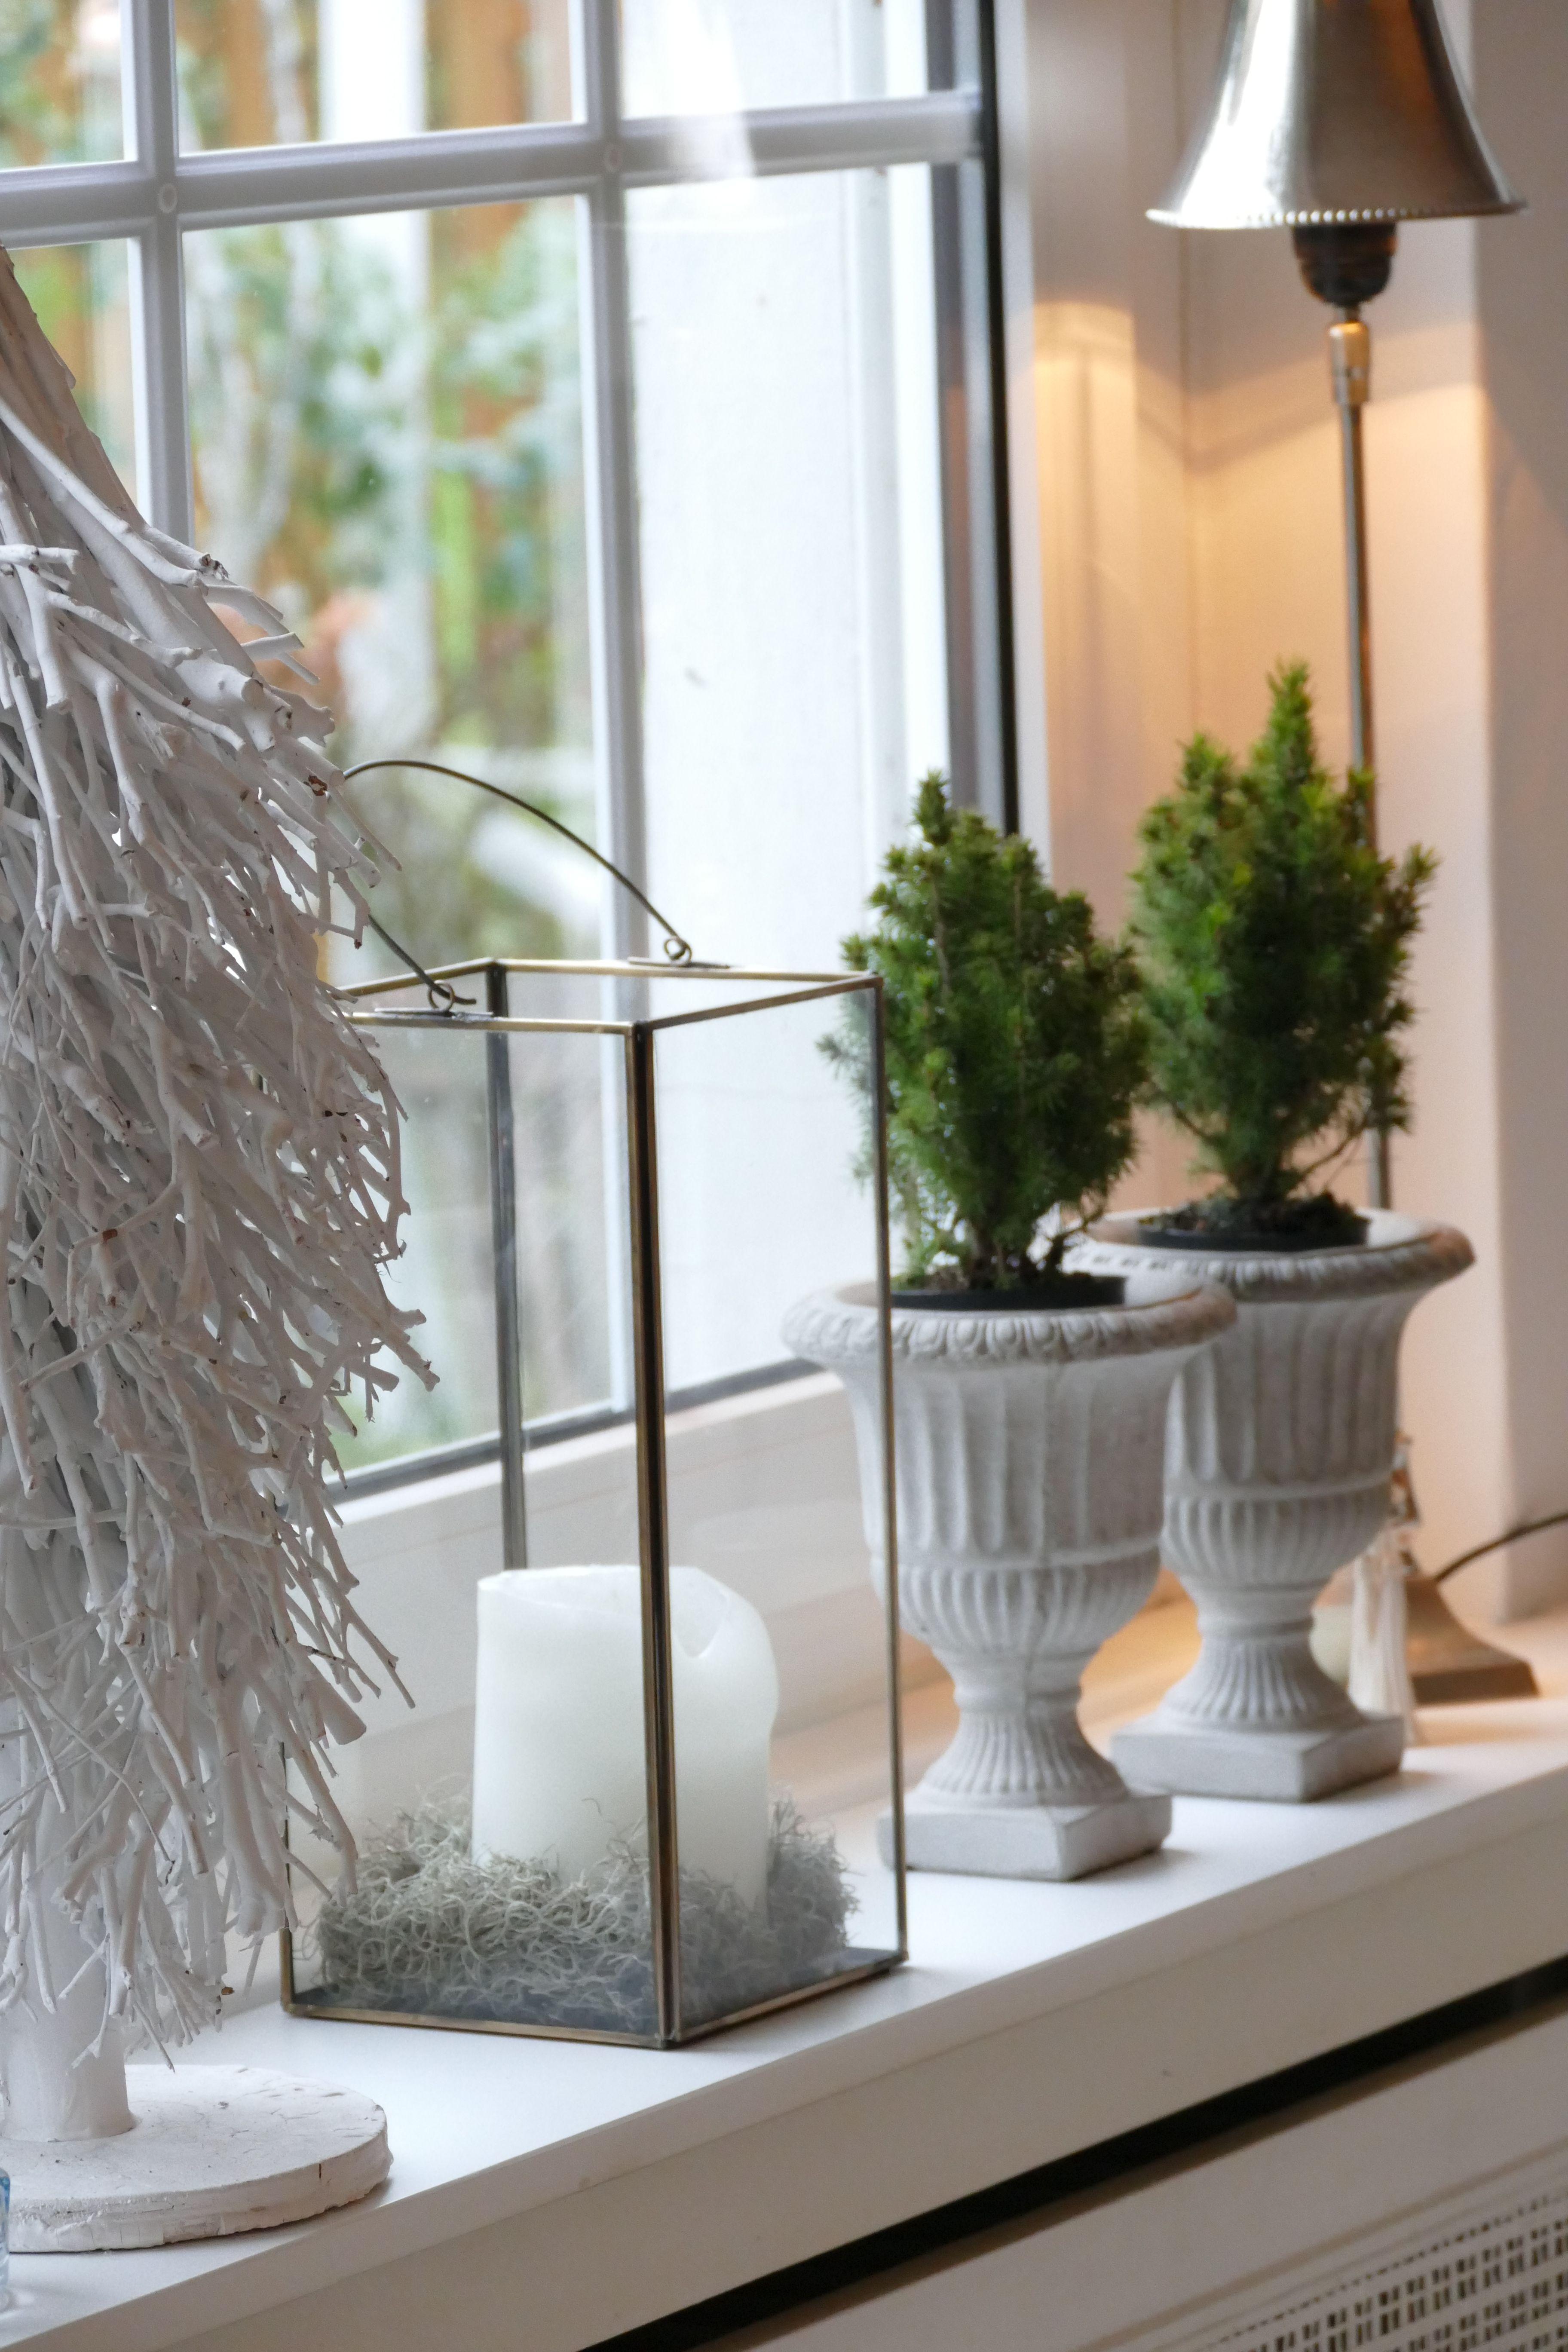 Dekoration Landhausstil Weihnachten Haus Stile Und Landhausstil